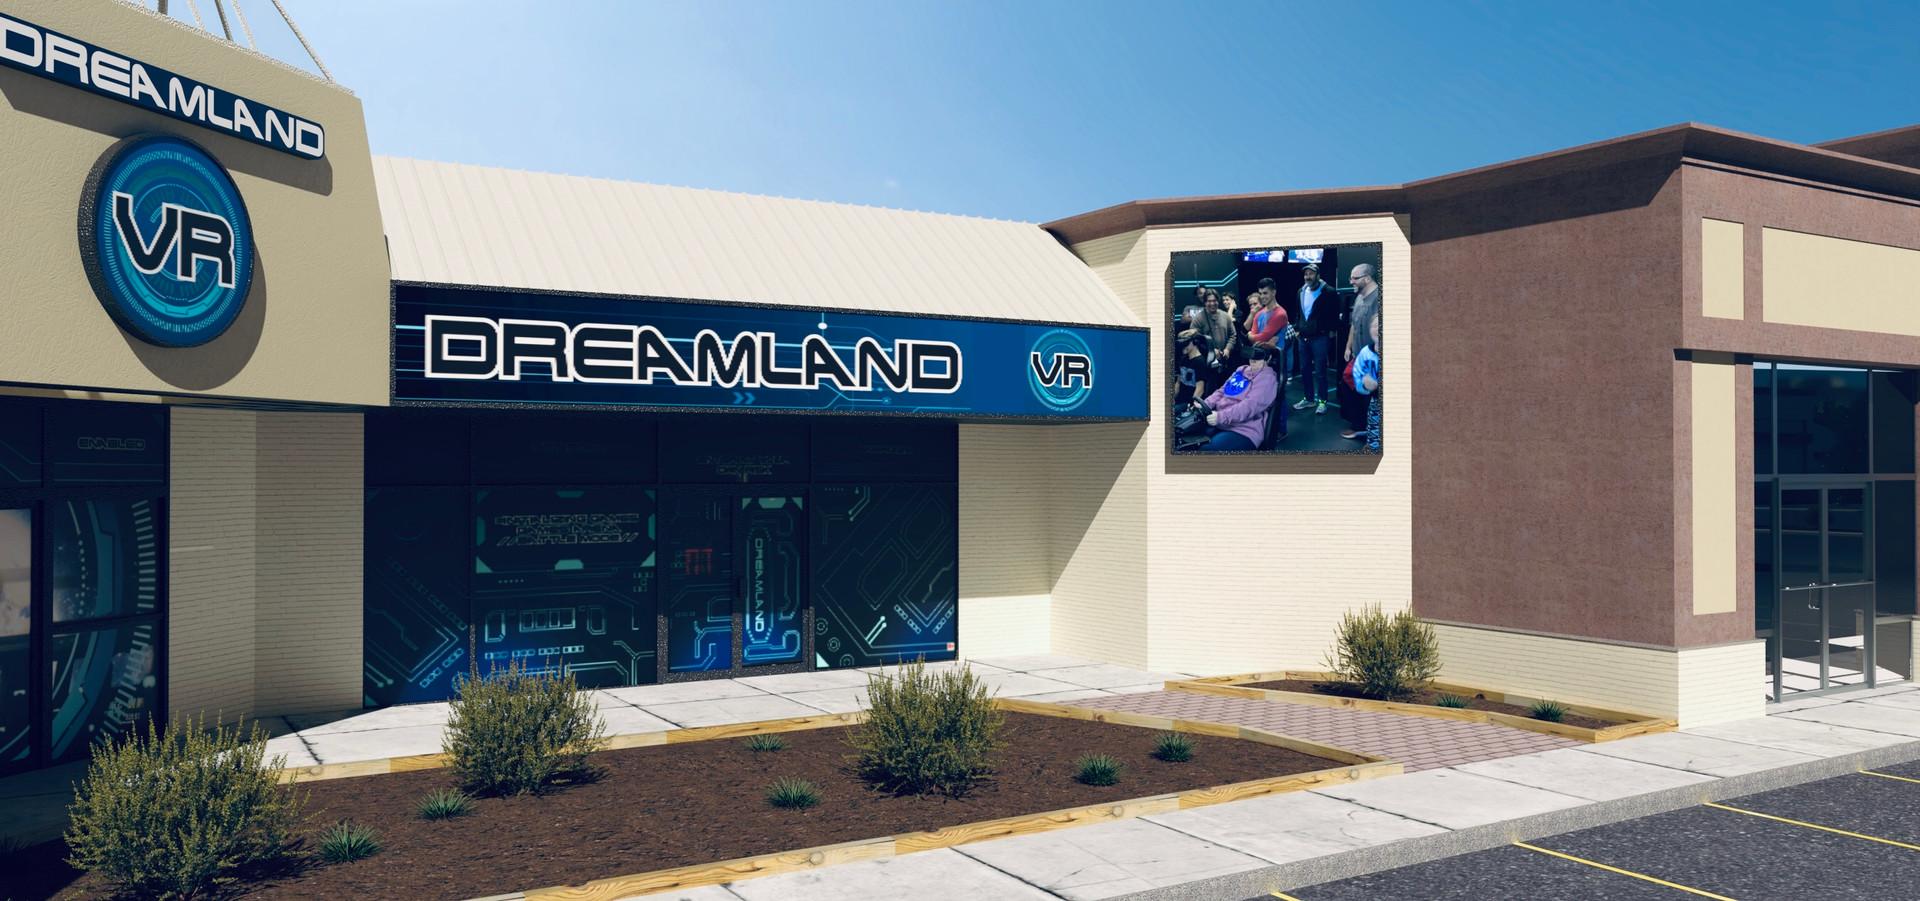 Dreamland Vr - Exterior